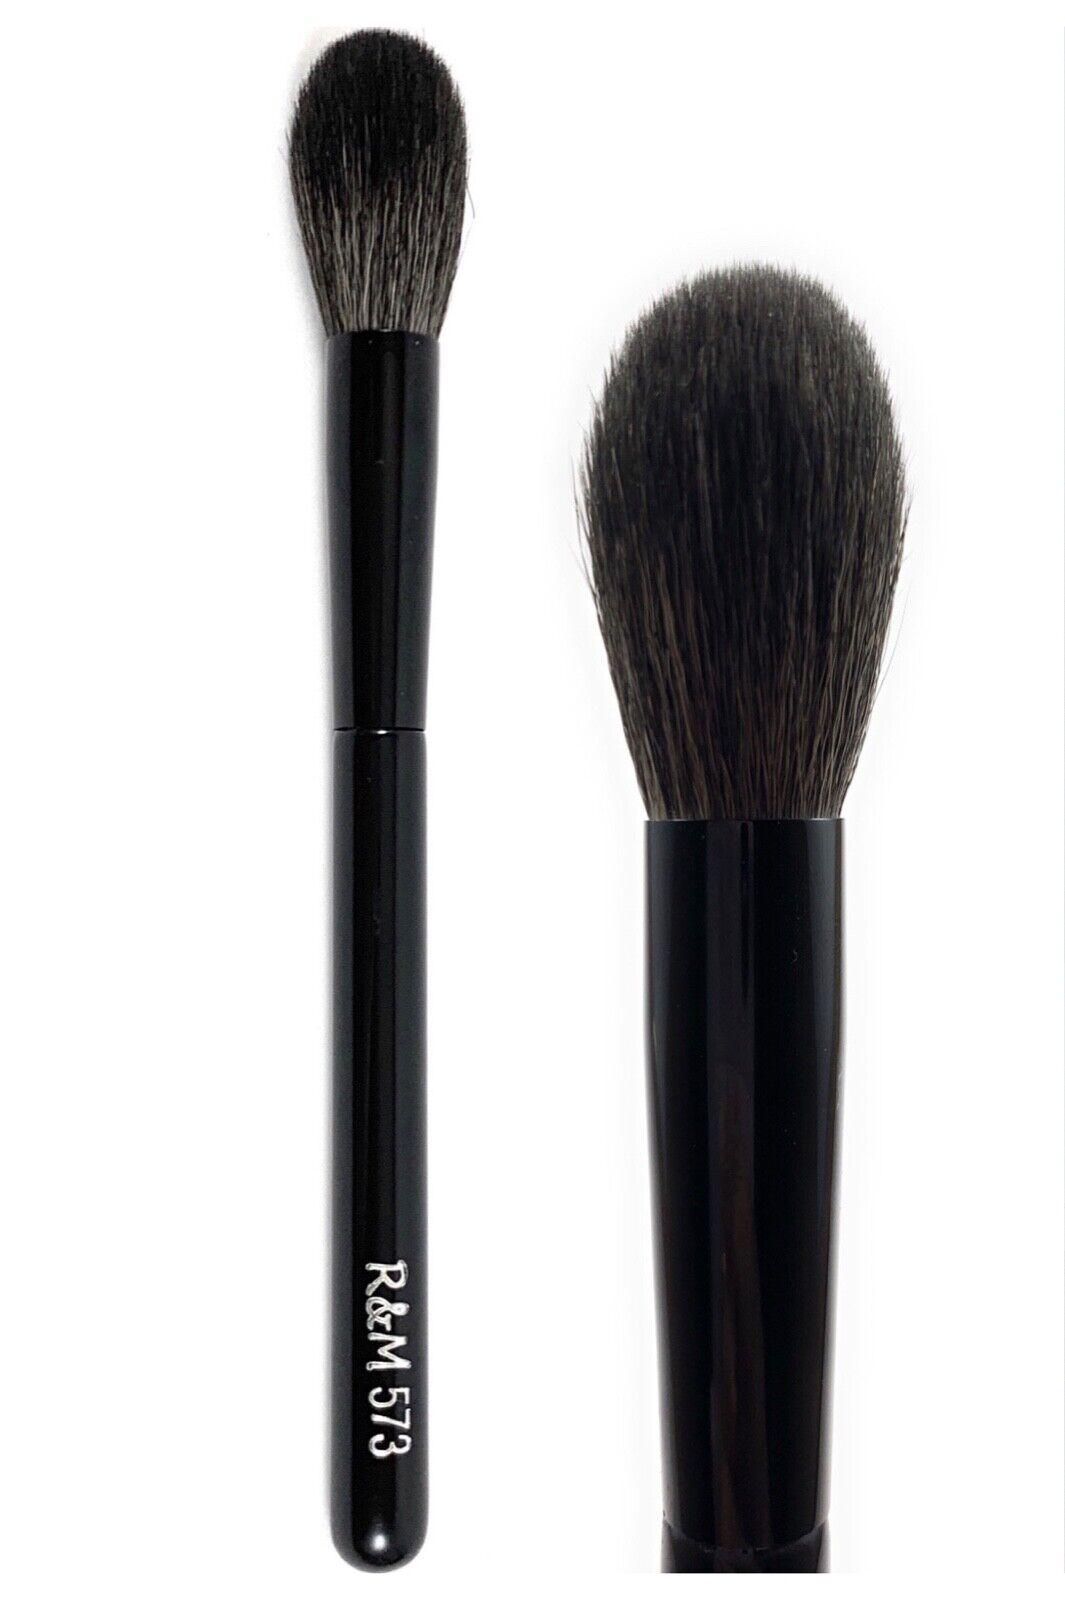 573 Tapered powder brush